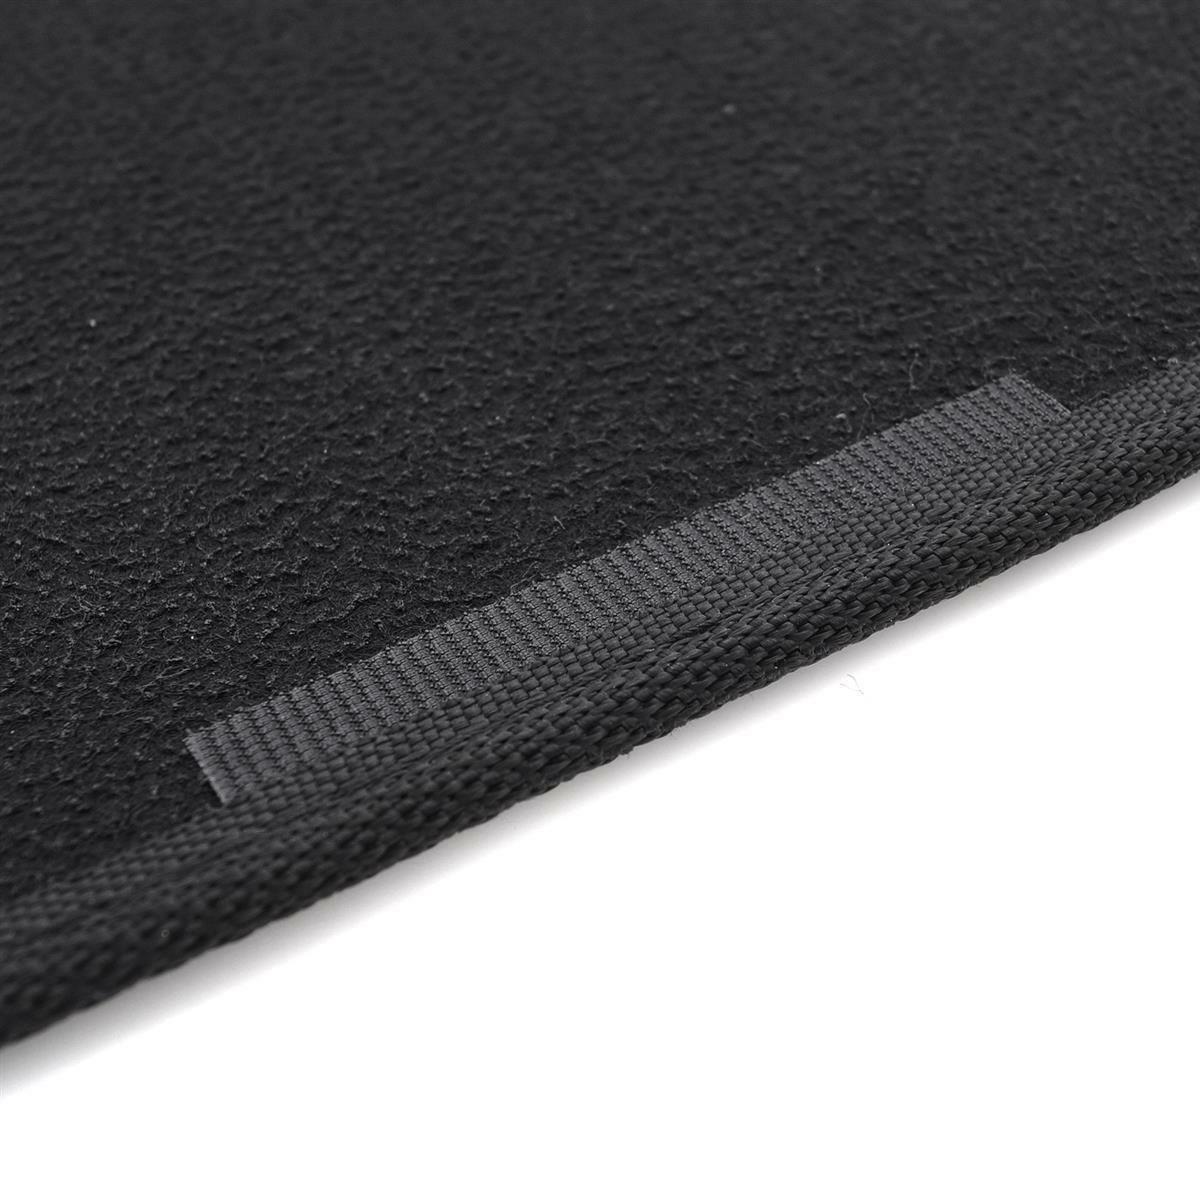 BEIGE $$$ Fußmatten passend für Opel Astra G OPC DeLuxe Velours NEU $$$